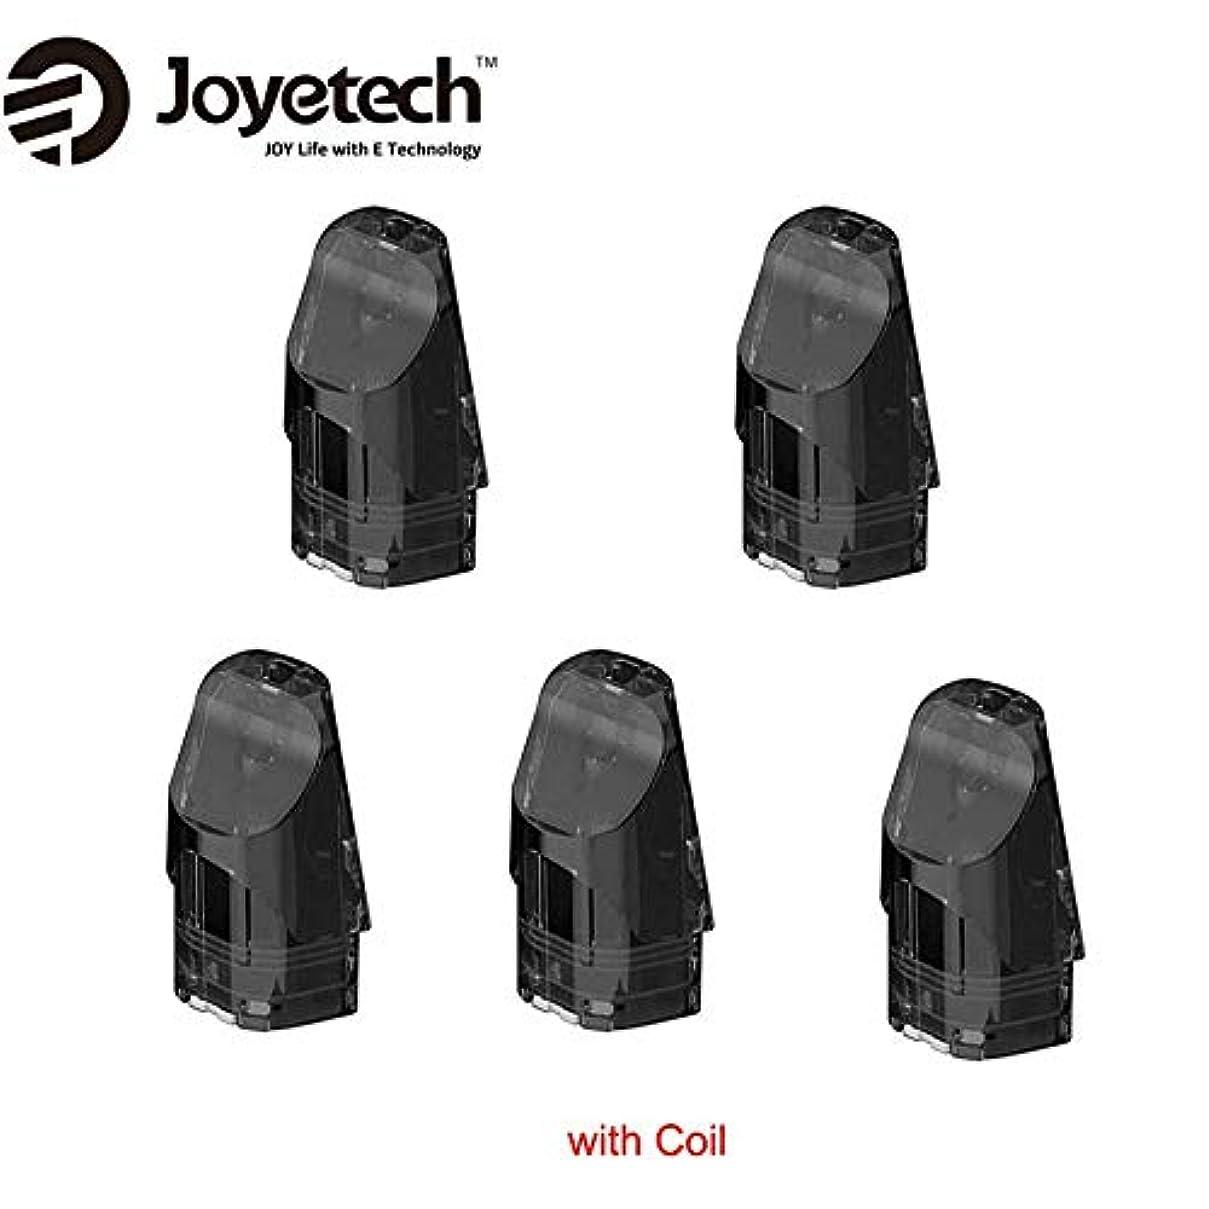 固めるダウンタウン塊正規品Joyetech Exceed Edge Podカートリッジ 2ml 内蔵1.2ohmコイル 5個セット 1パック